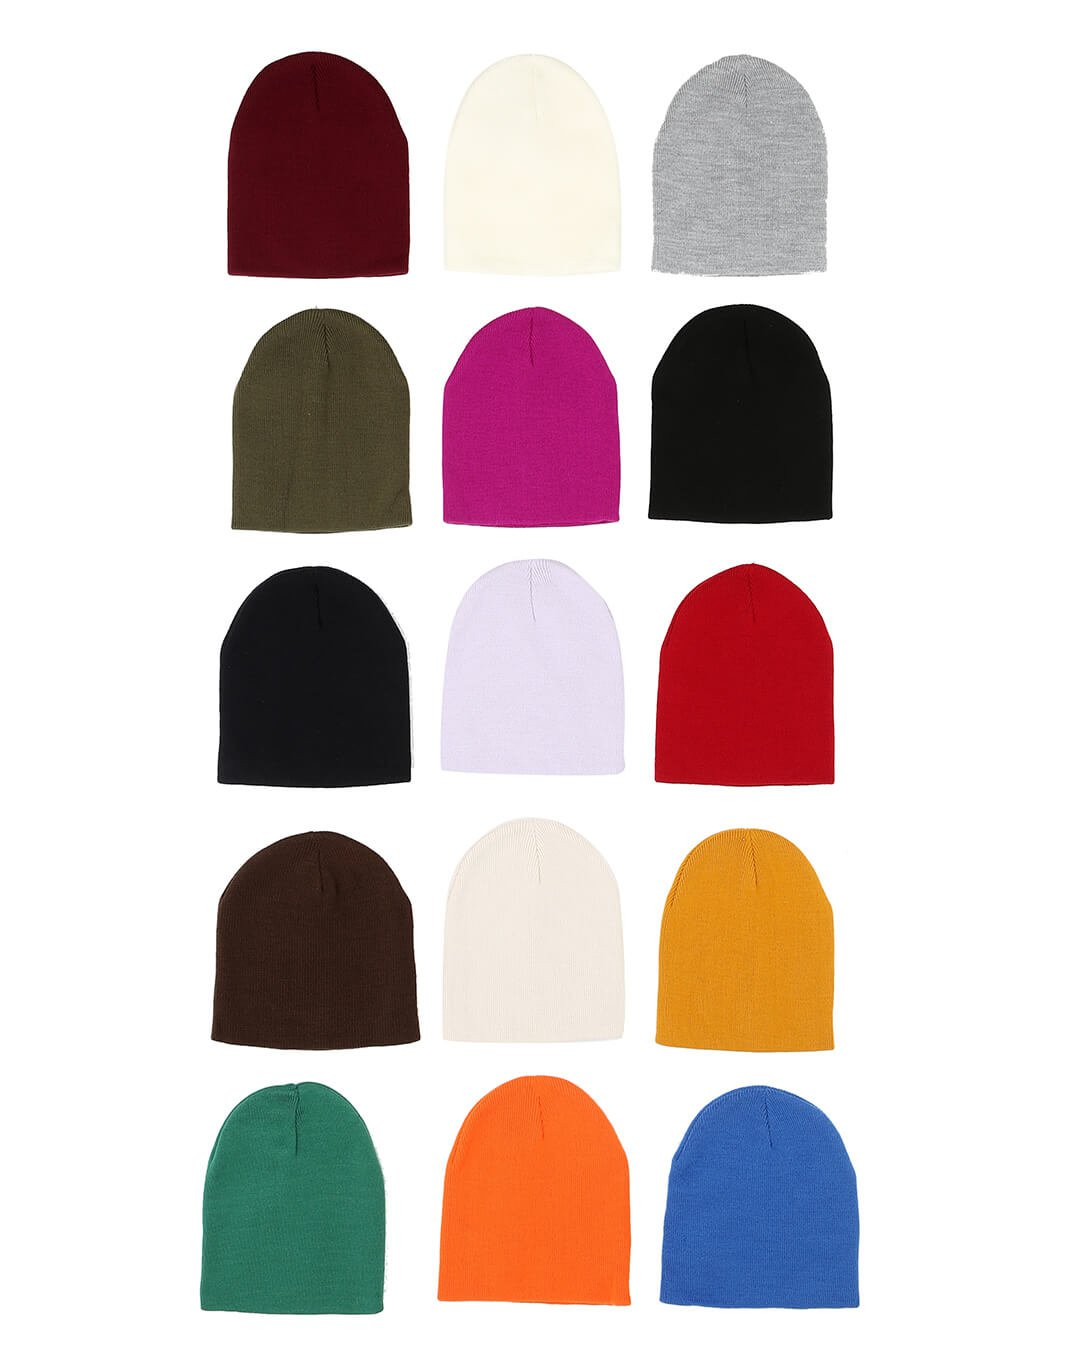 CMFW-19-01 - Düz Bere - Ürün Kapak Resmi - CMF Şapka